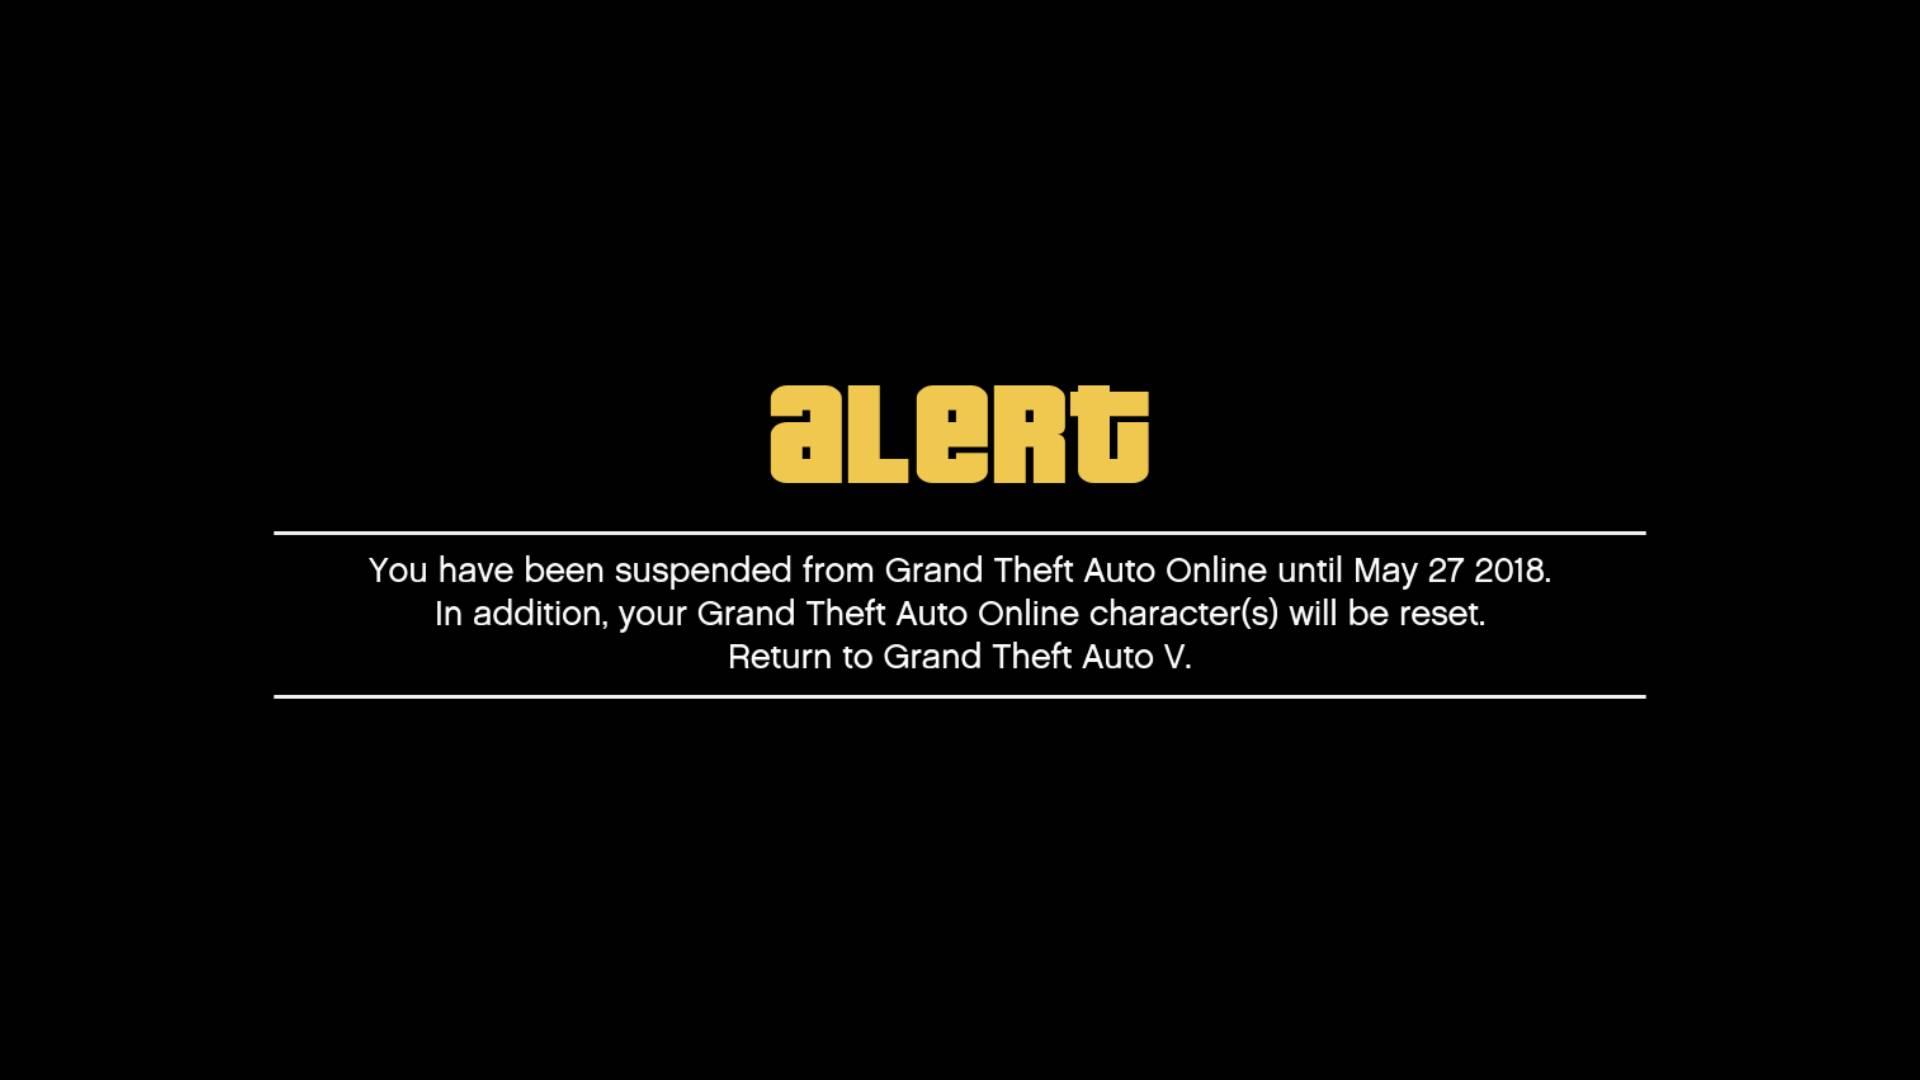 gta-5-argent-com-interdit-ban-rockstar-games